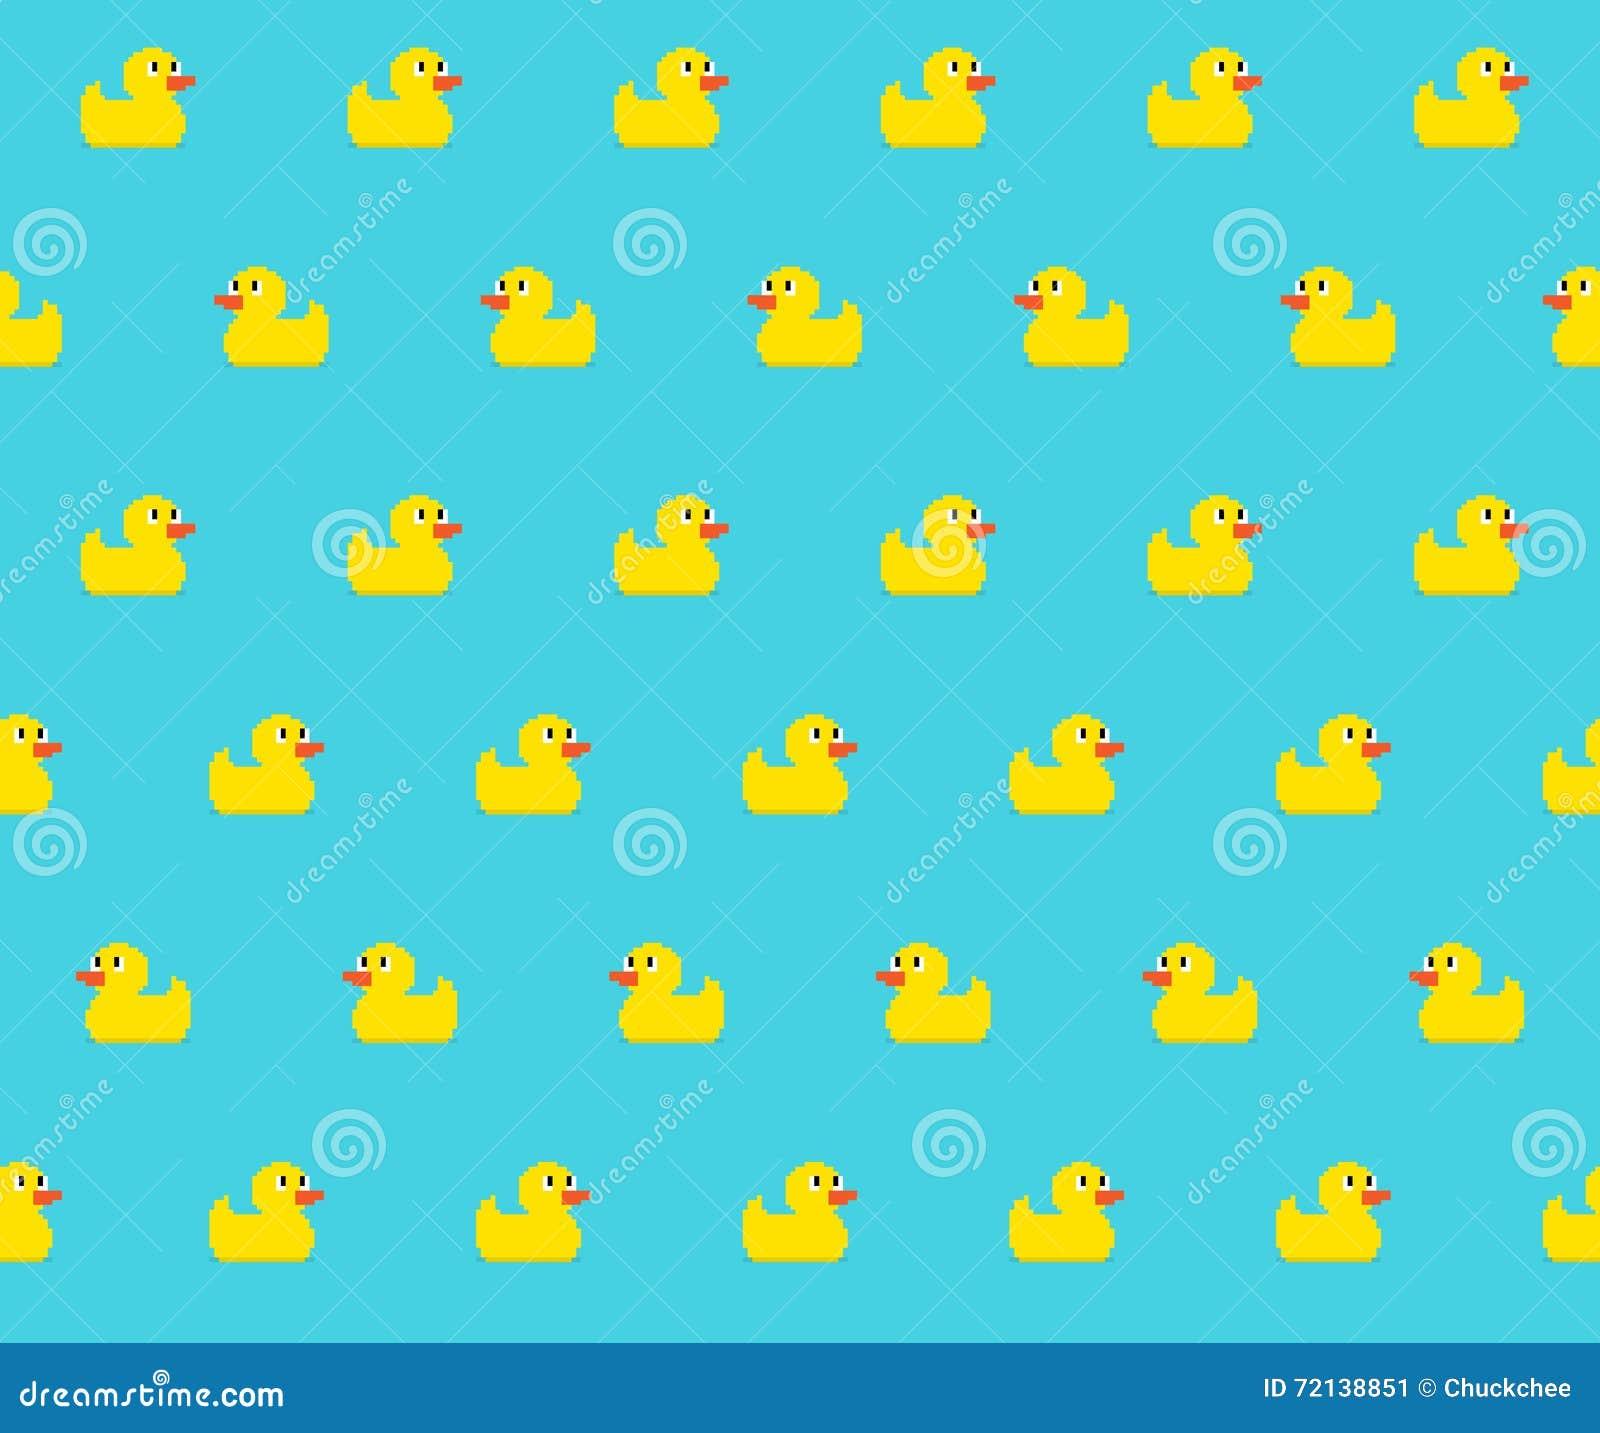 Pixel Duck Stock Vector. Illustration Of Paper, Design